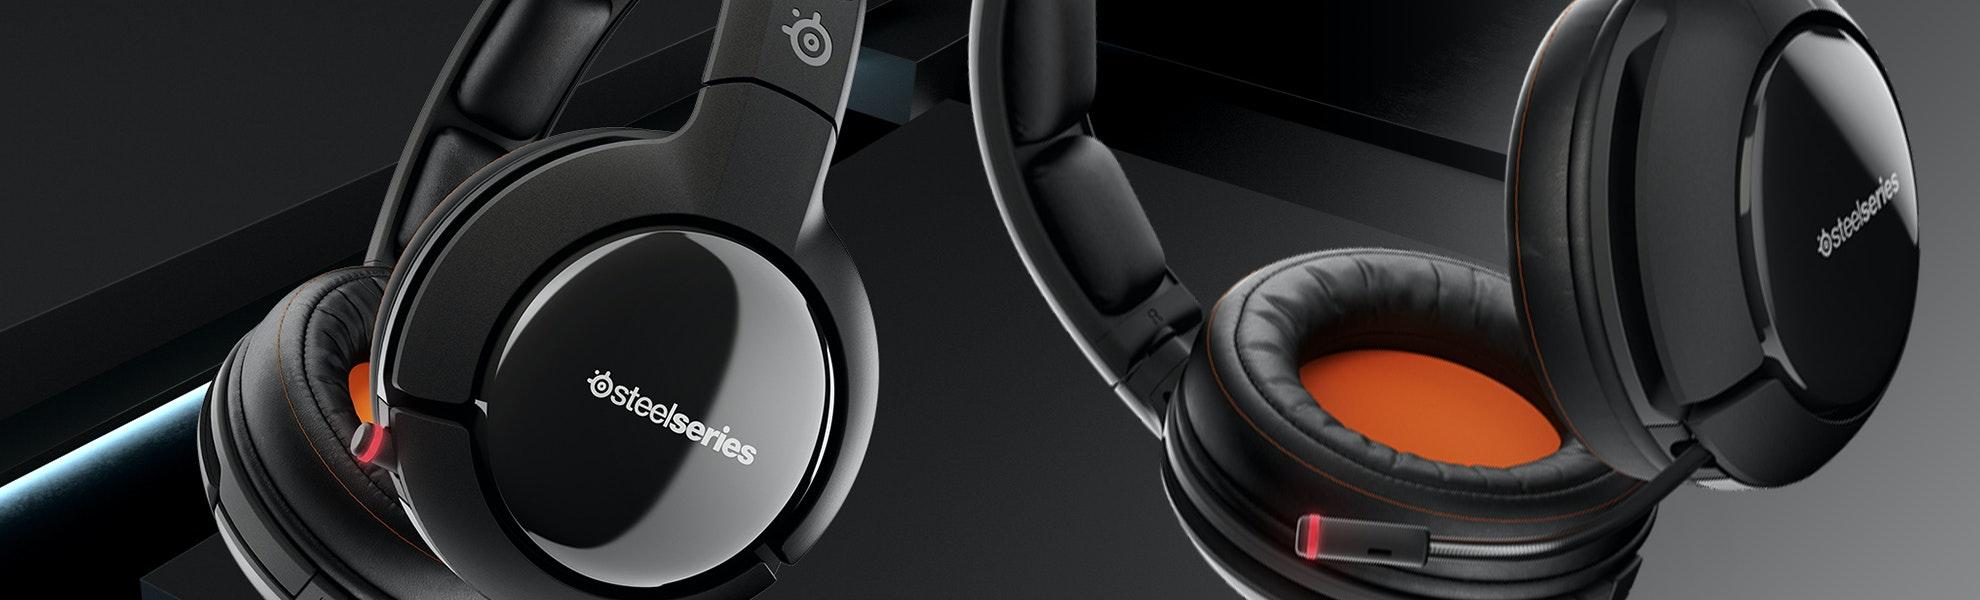 SteelSeries Siberia 800 7.1 Wireless Gaming Headset